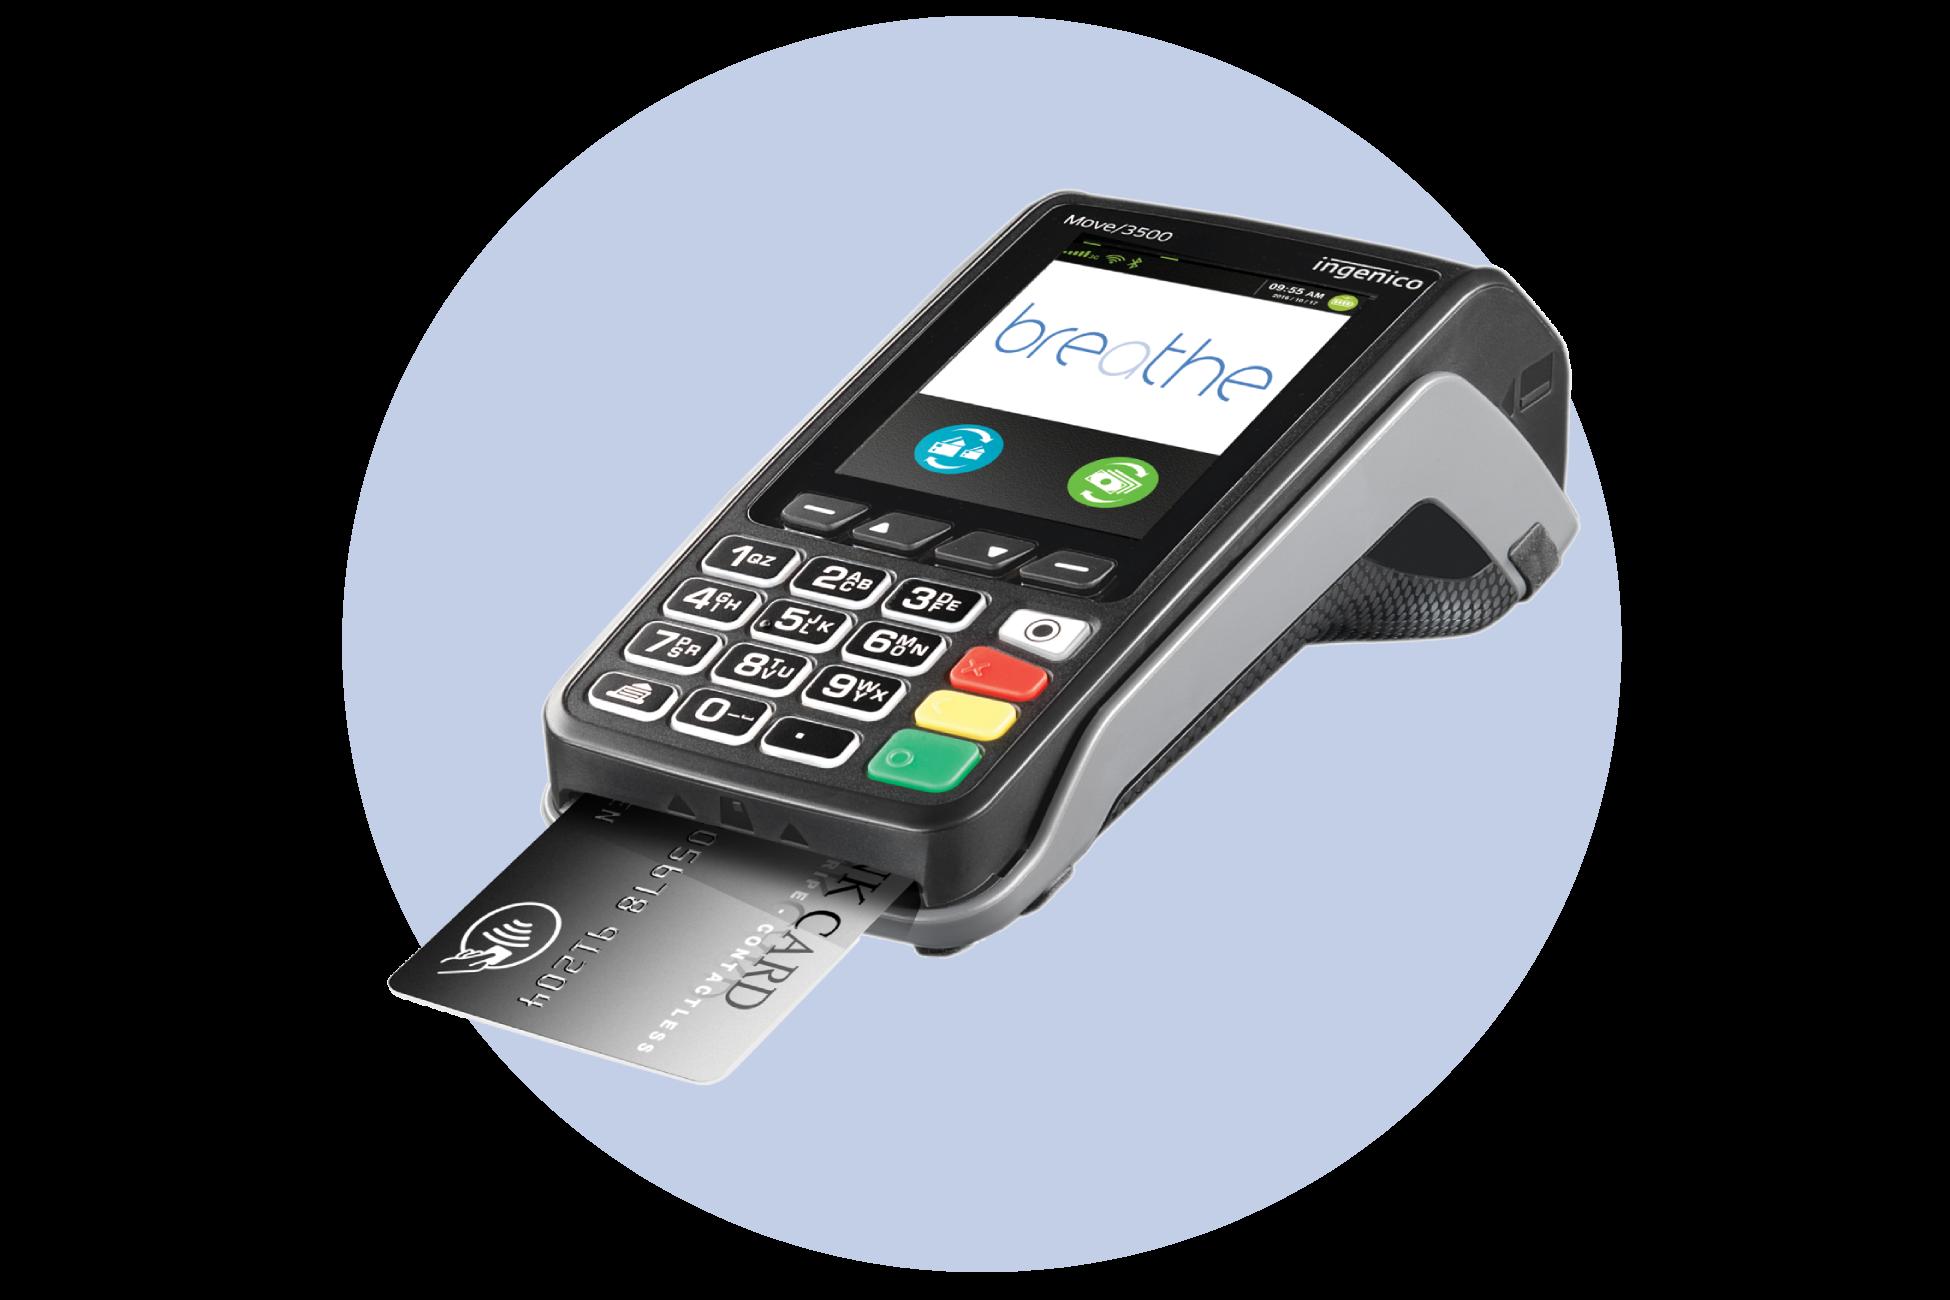 mobile card machine move 3500